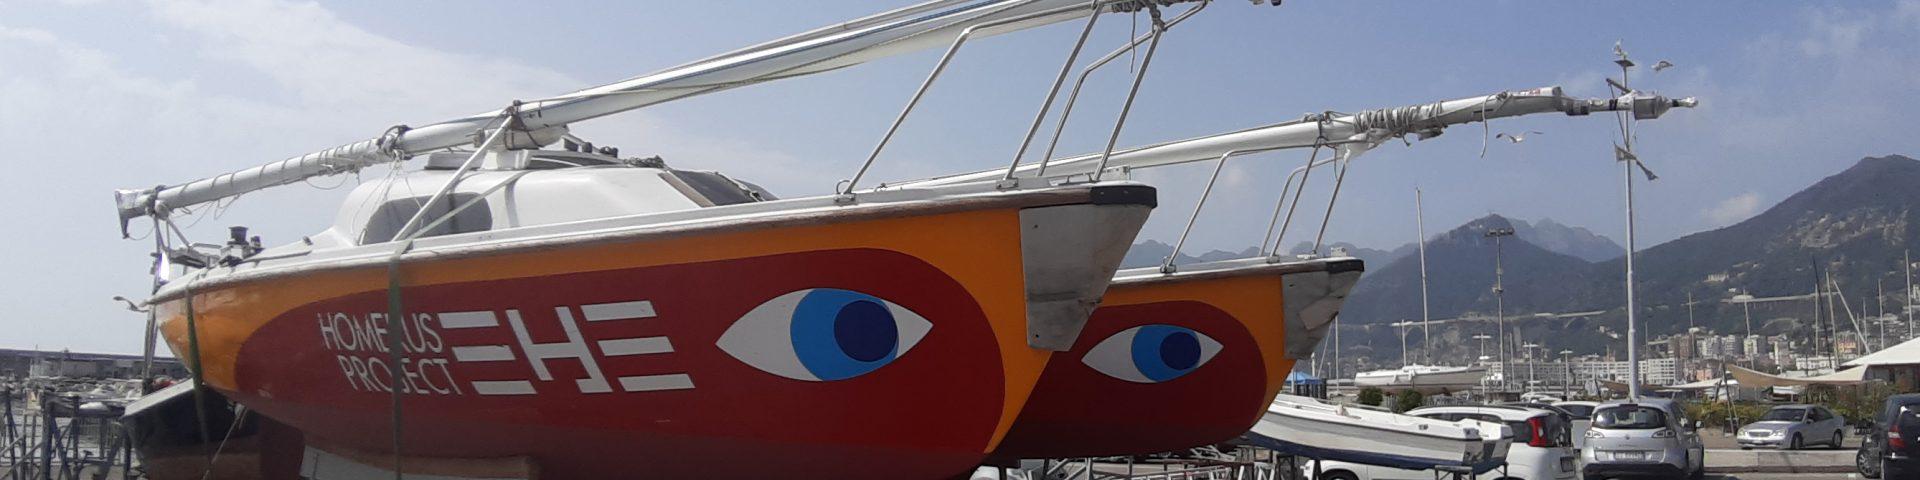 Barche Homerus